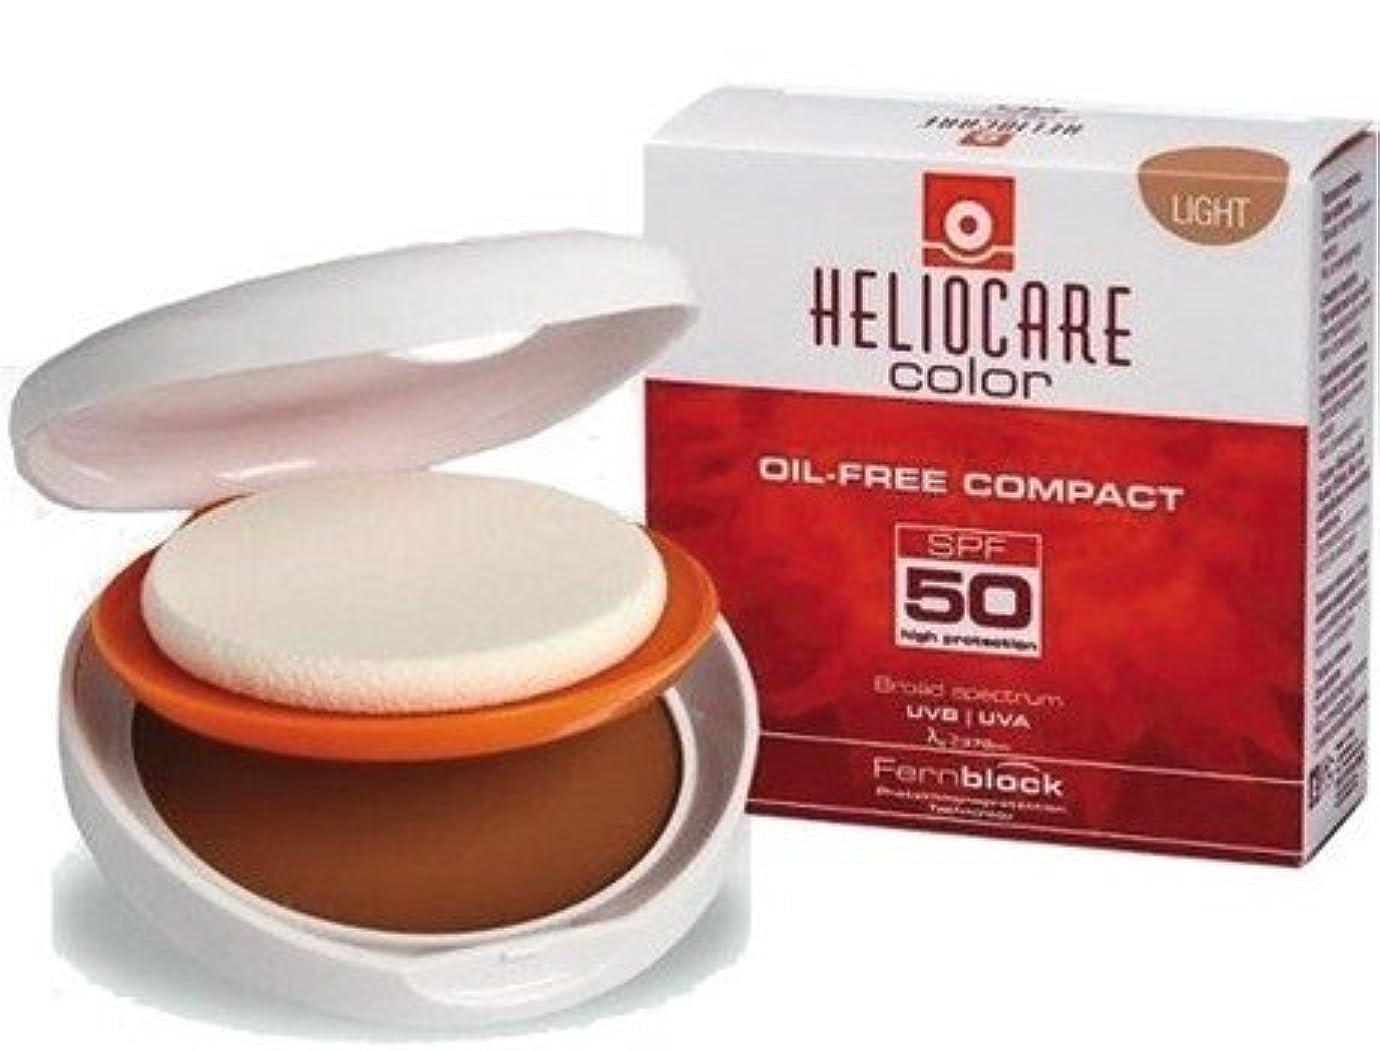 ヘリオケア カラーオイル フリーコンパクト SPF50 ライト HELIOCARE COLOR OIL FREE COMPACT SPF50 LIGHT